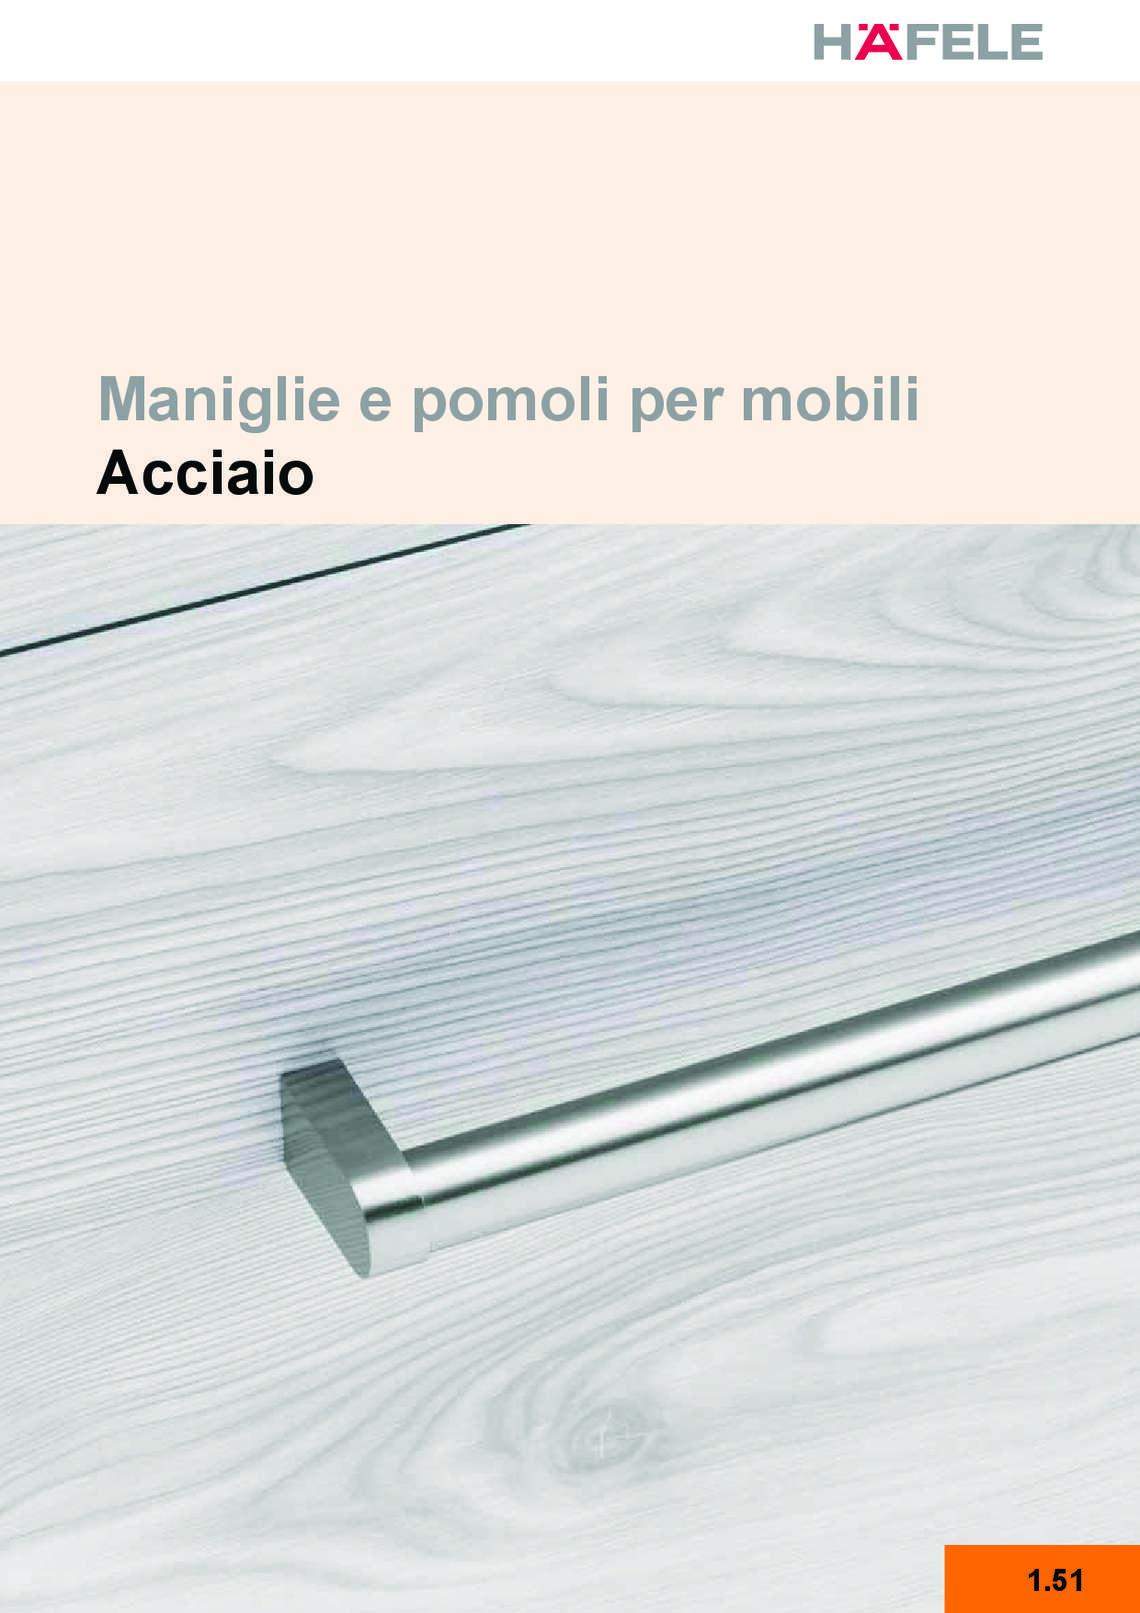 hafele-maniglie-e-pomoli_79_060.jpg